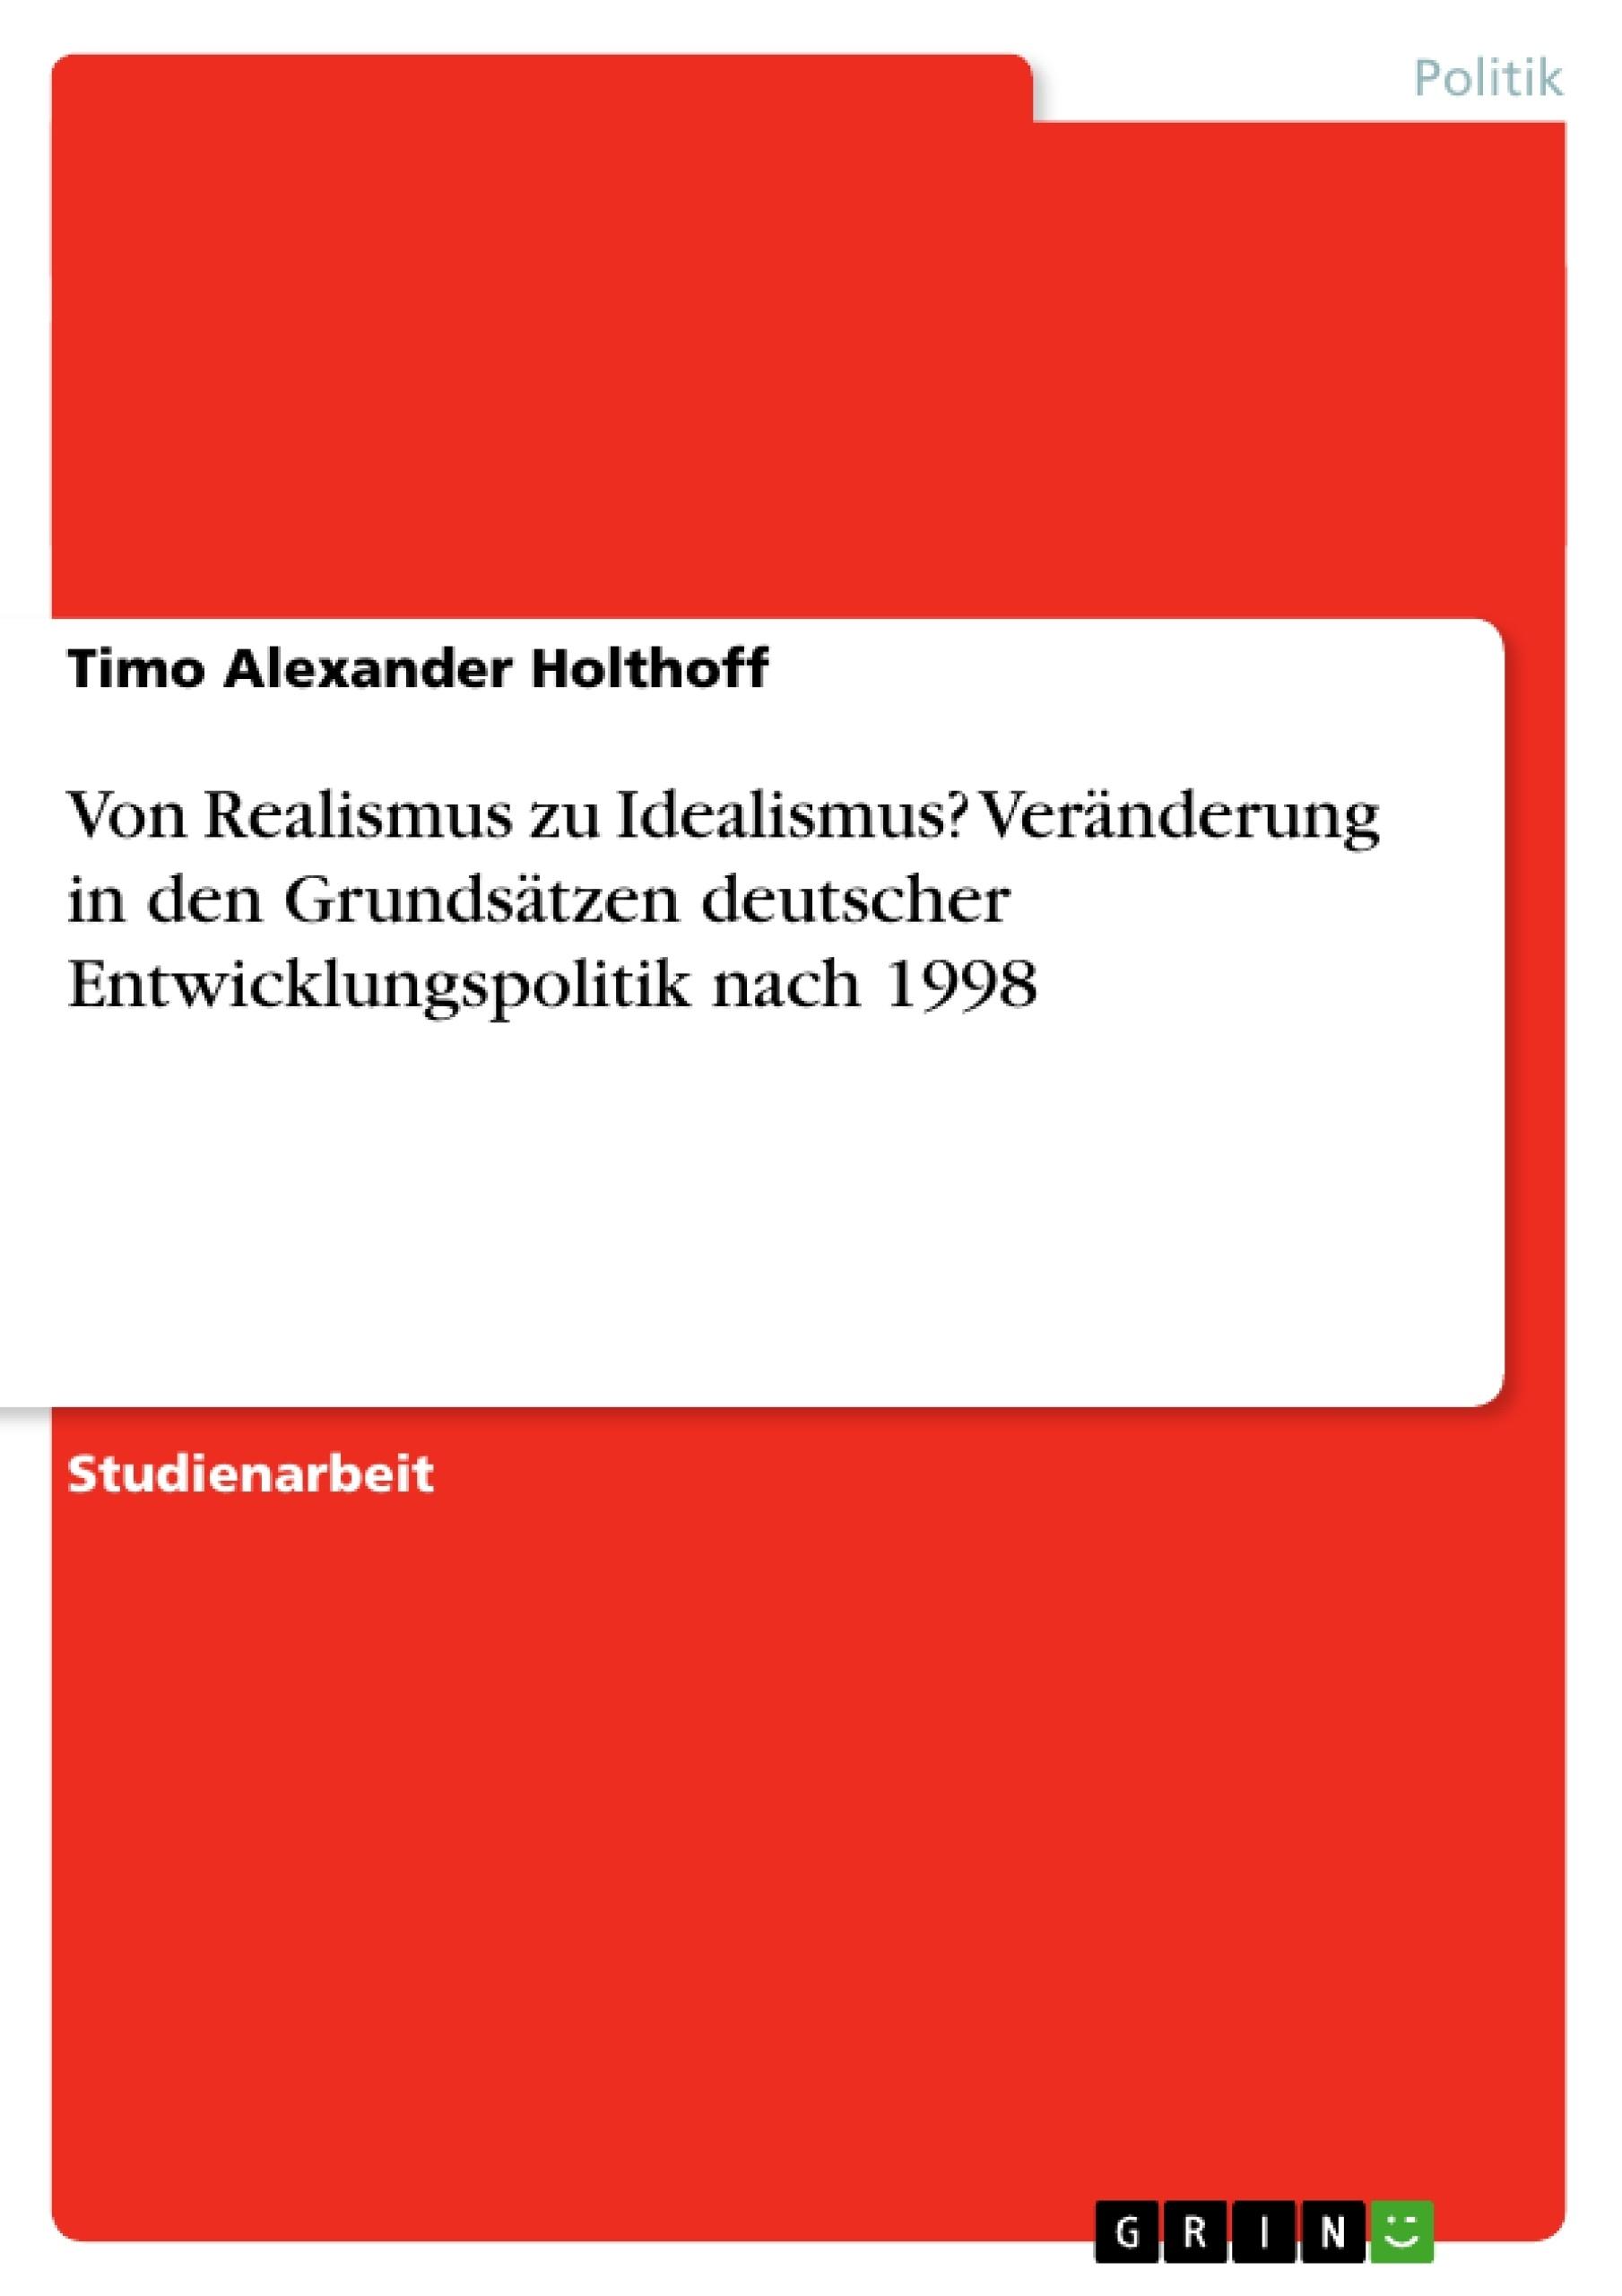 Titel: Von Realismus zu Idealismus? Veränderung in den Grundsätzen deutscher Entwicklungspolitik nach 1998